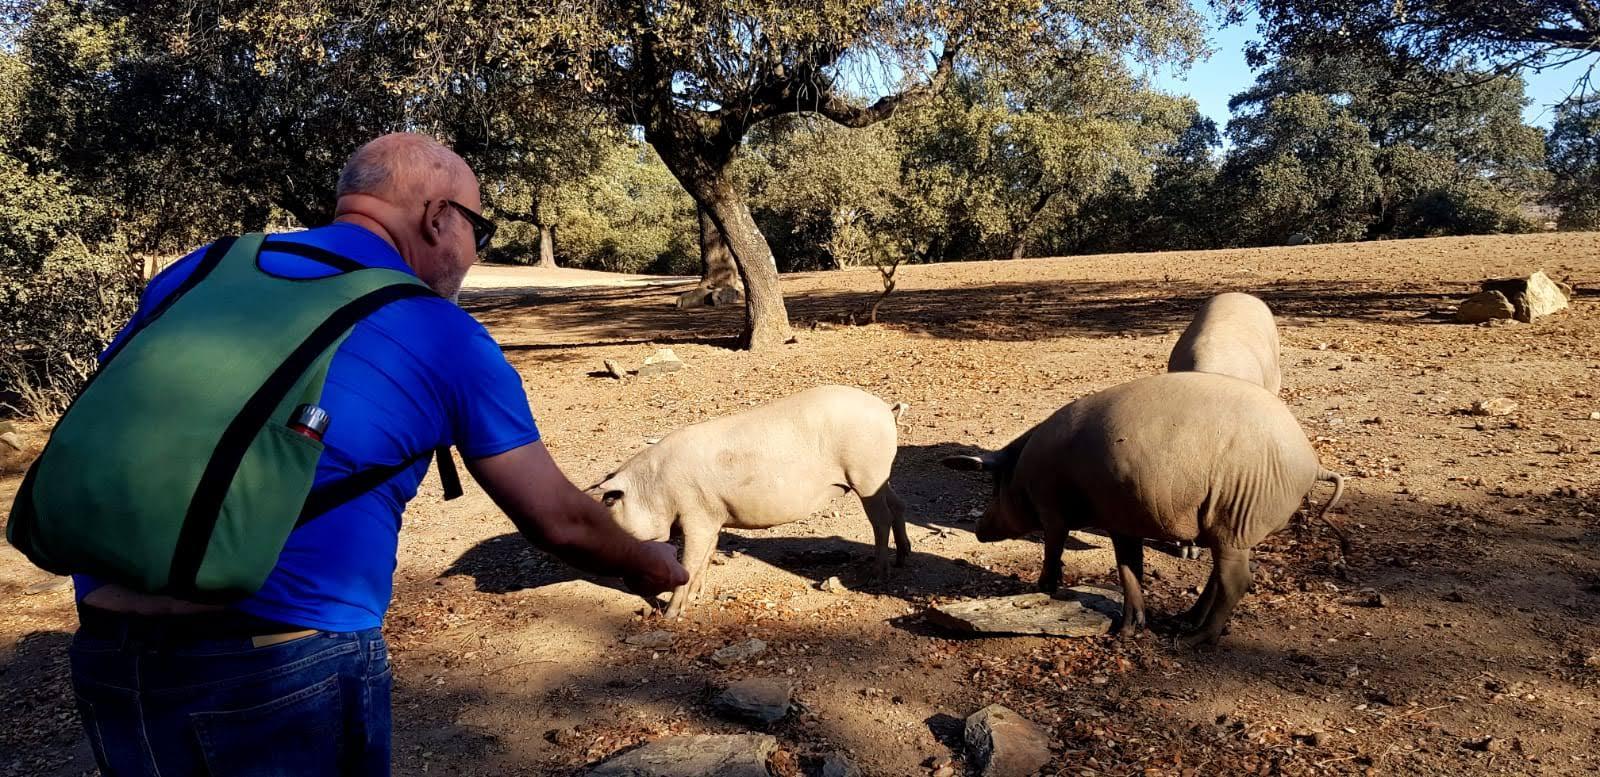 Señor dando comida a los cerdos en la Ruta del Jamón